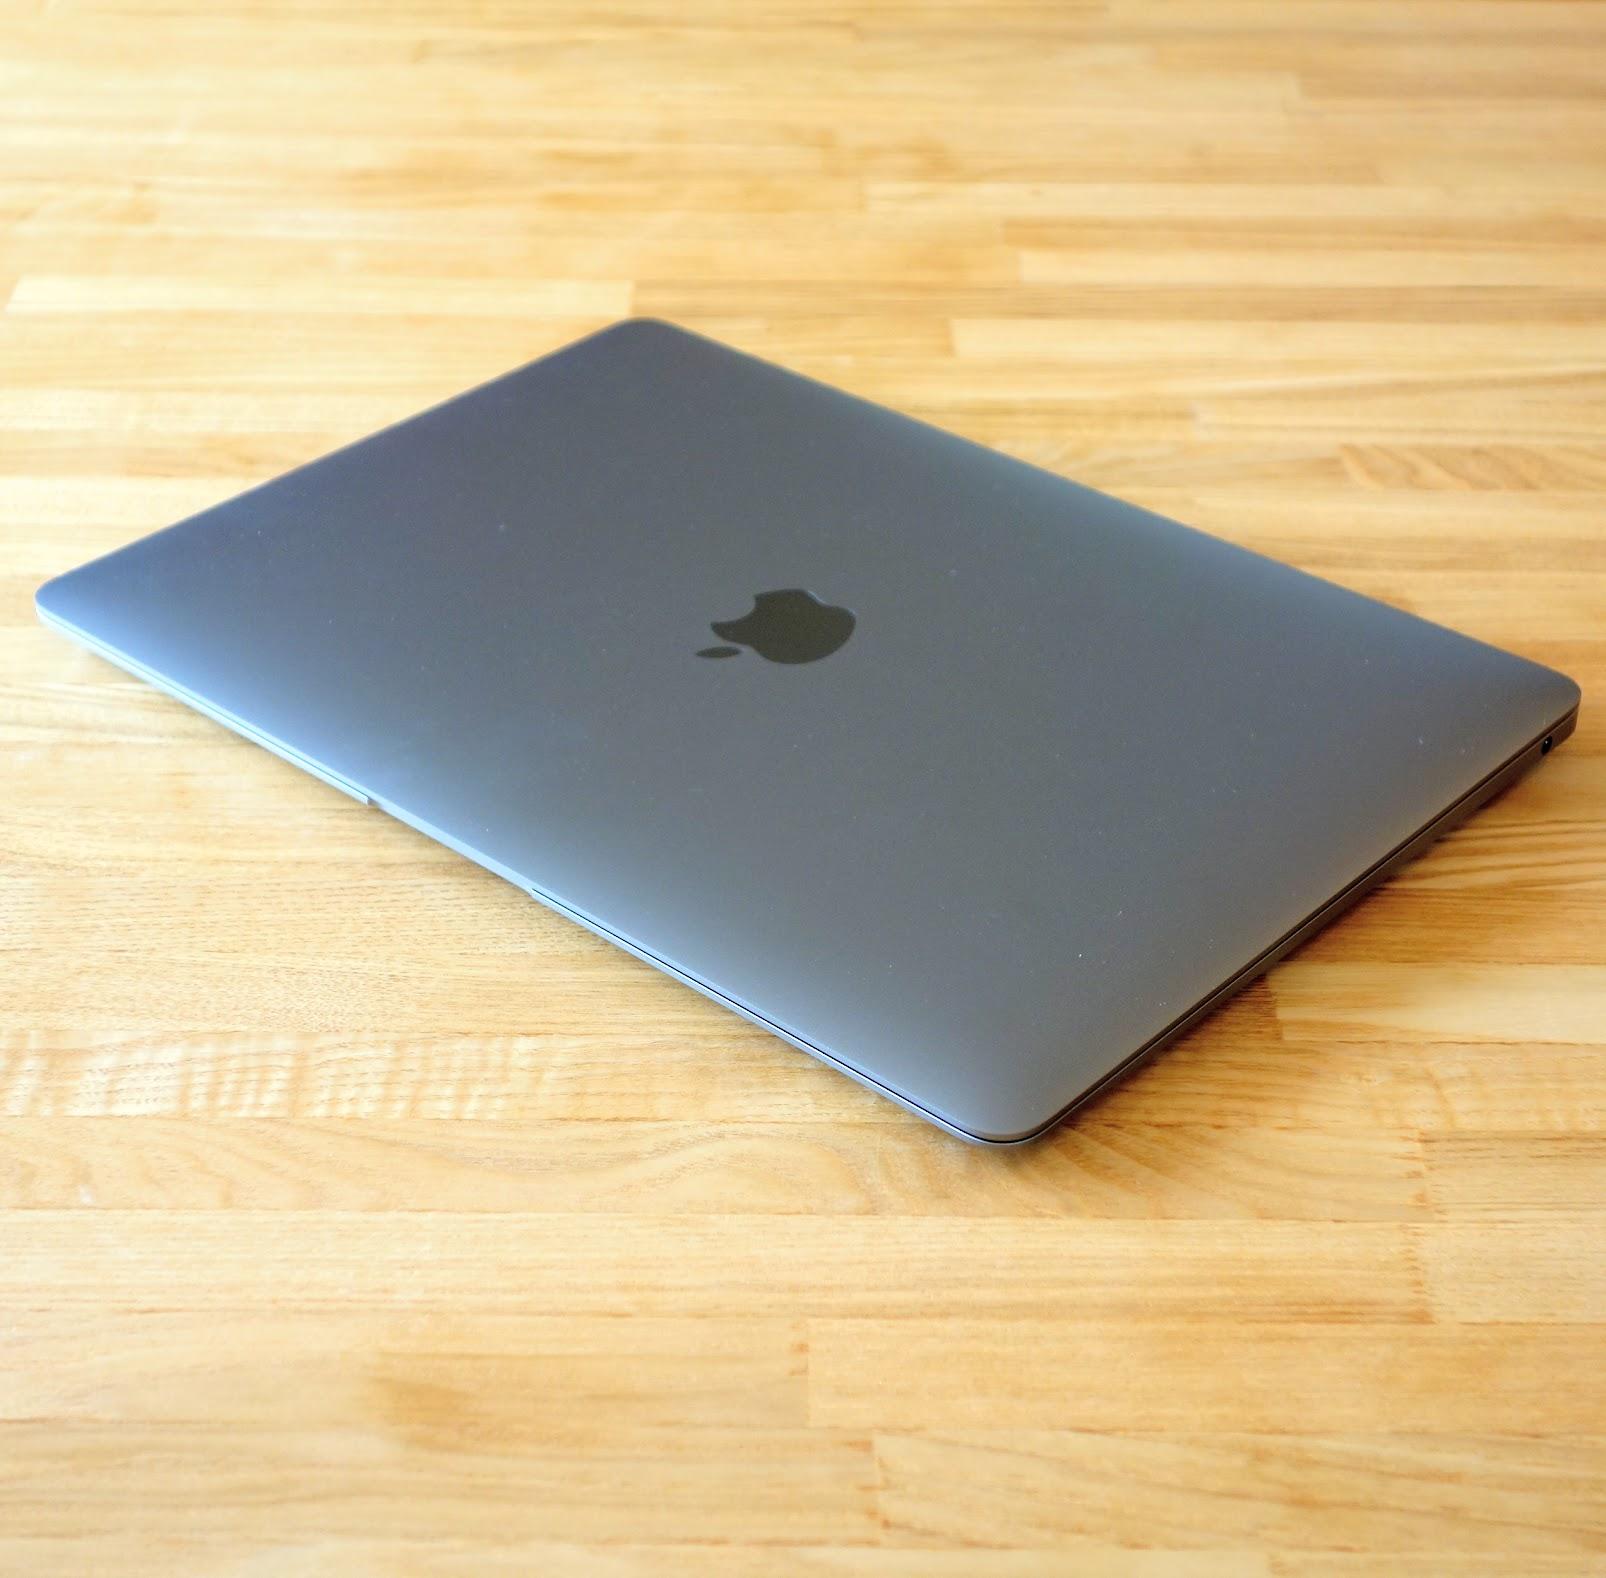 MacBook Air 2020 レビュー カラー スペースグレイ